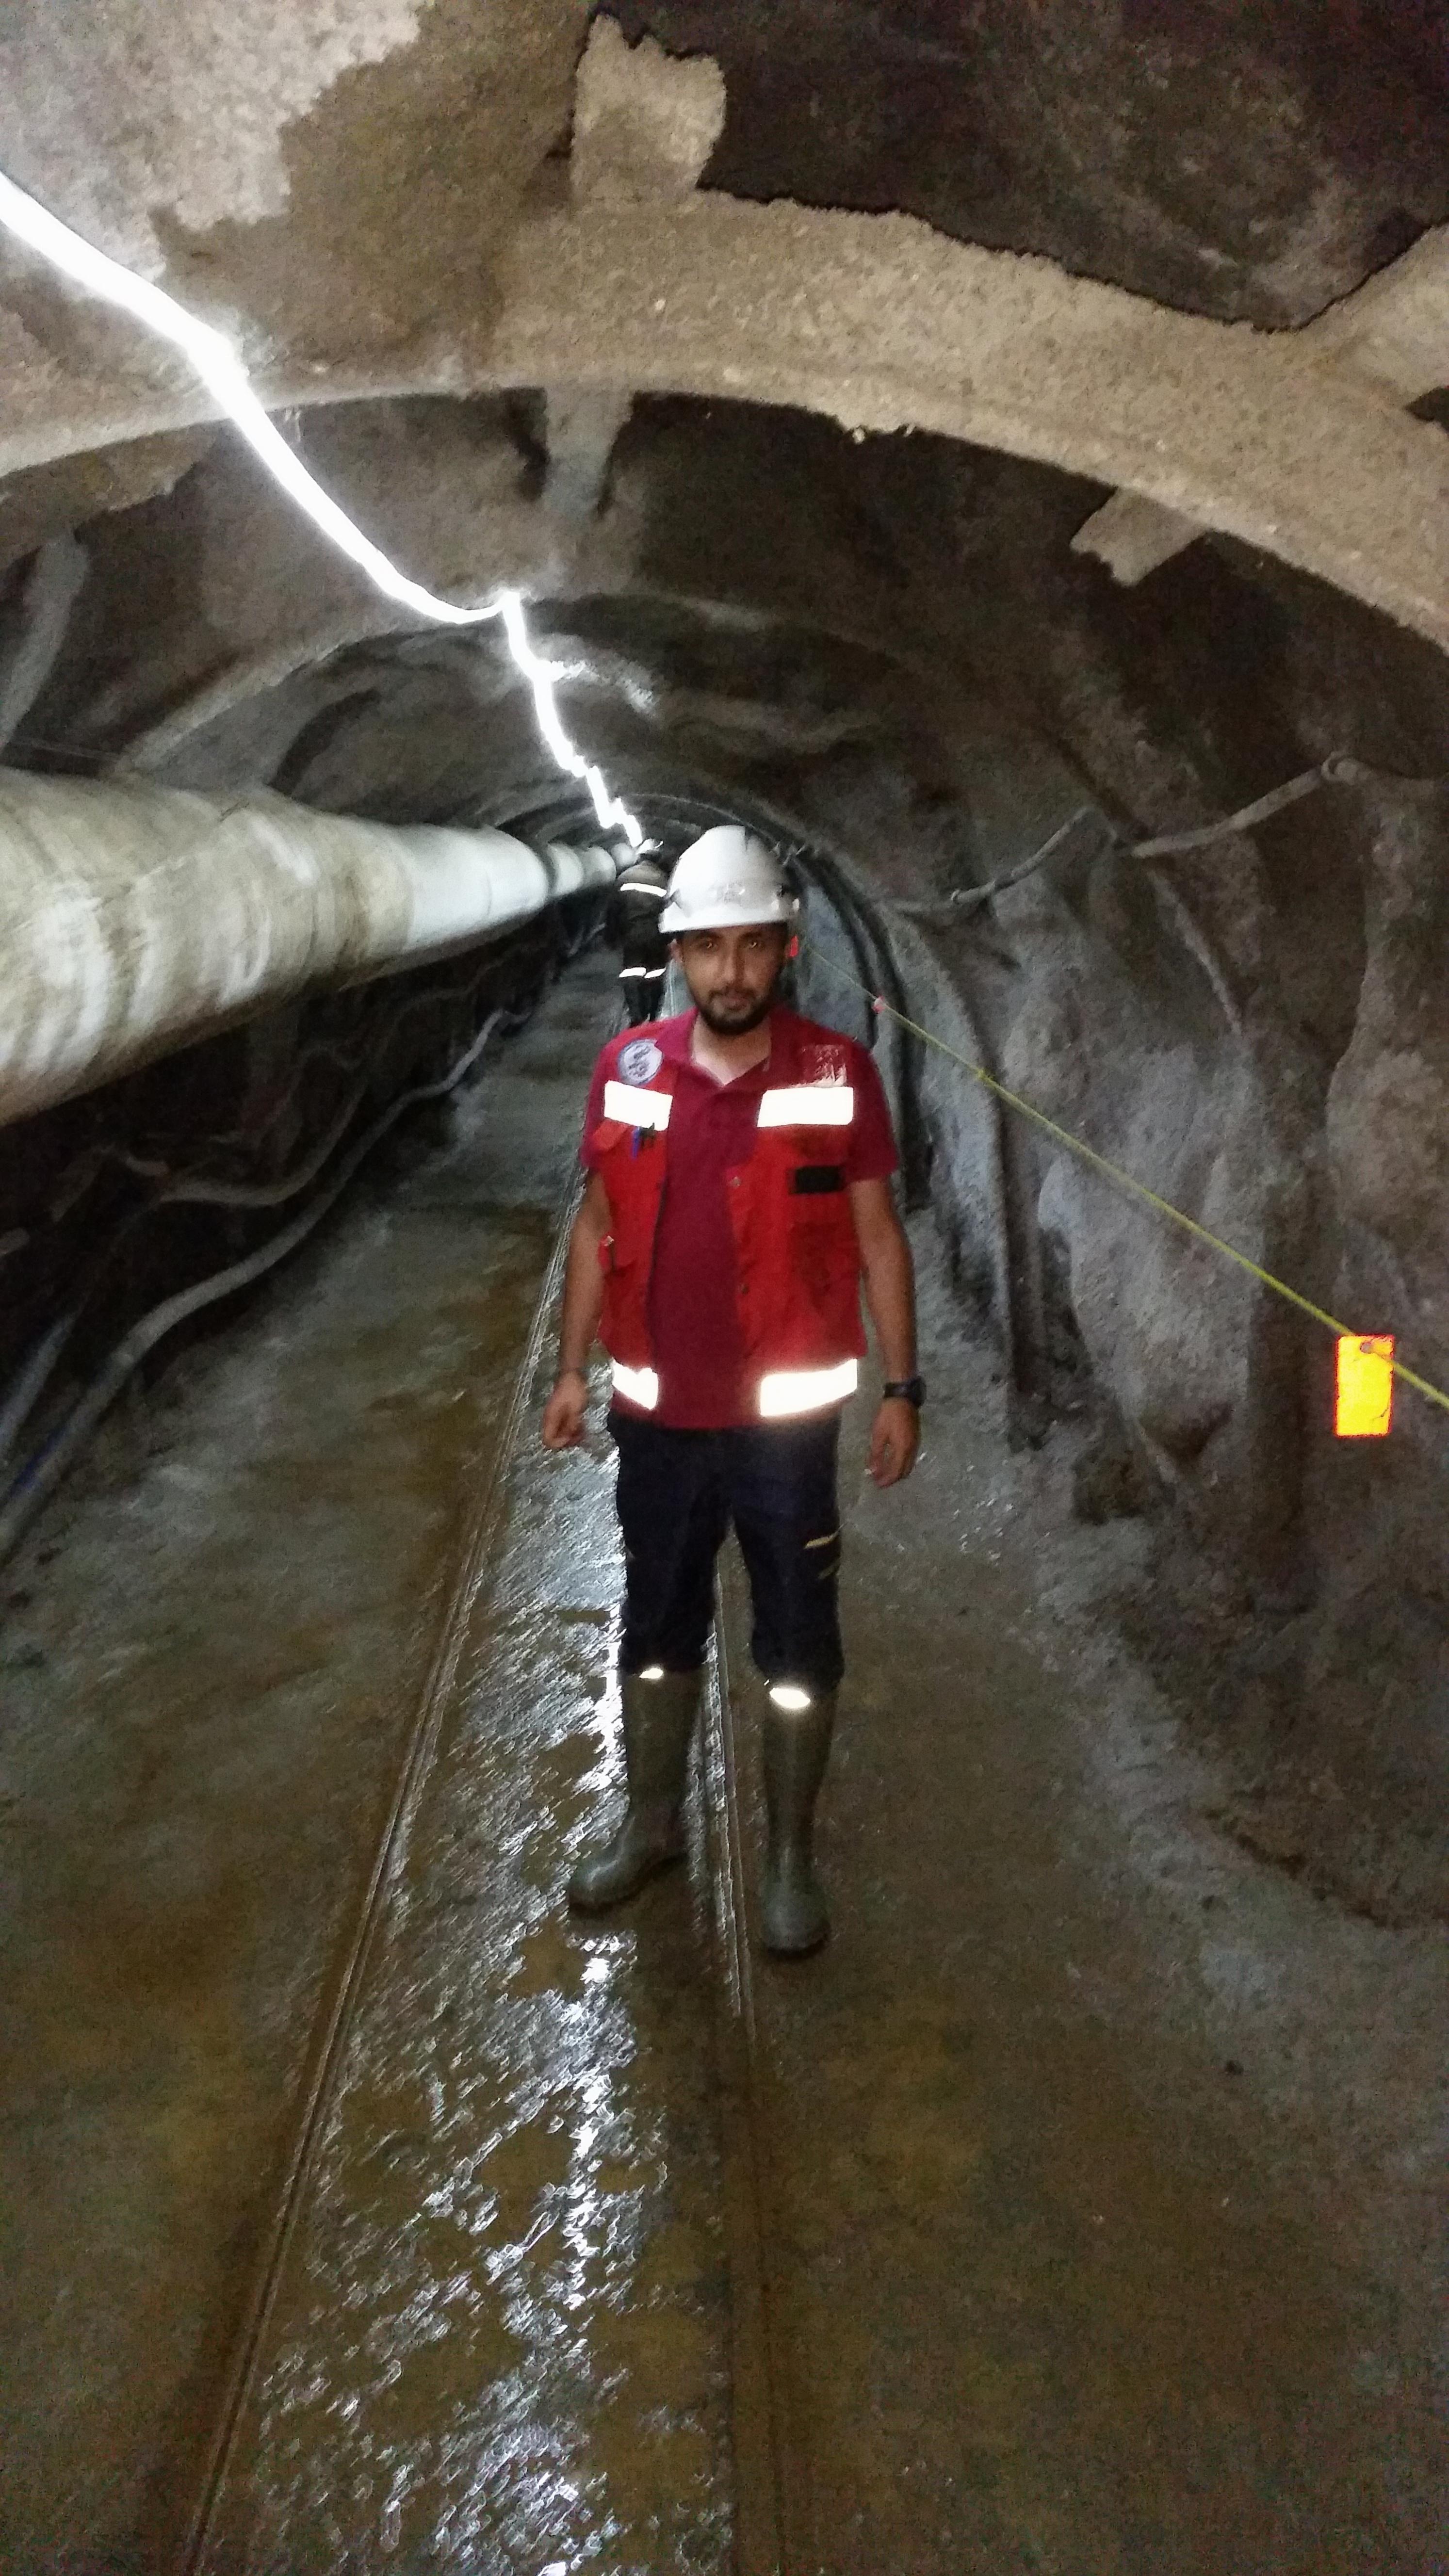 maden işlerinde iş sağlığı ve güvenliği